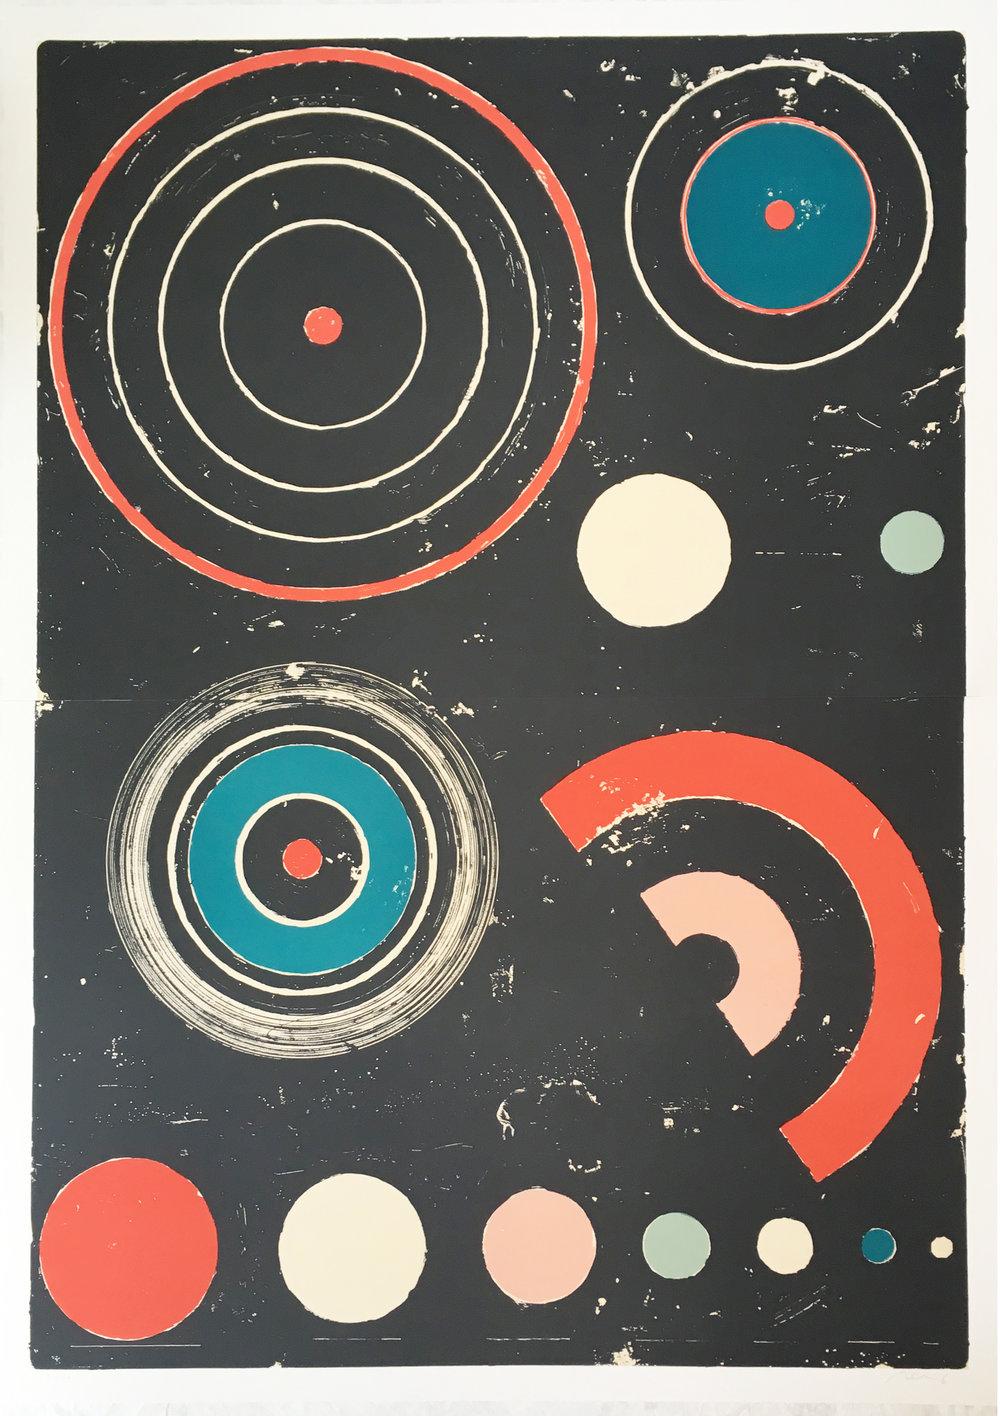 Sem título | 2018 | litografia | 143 x 103 cm | Edição 20